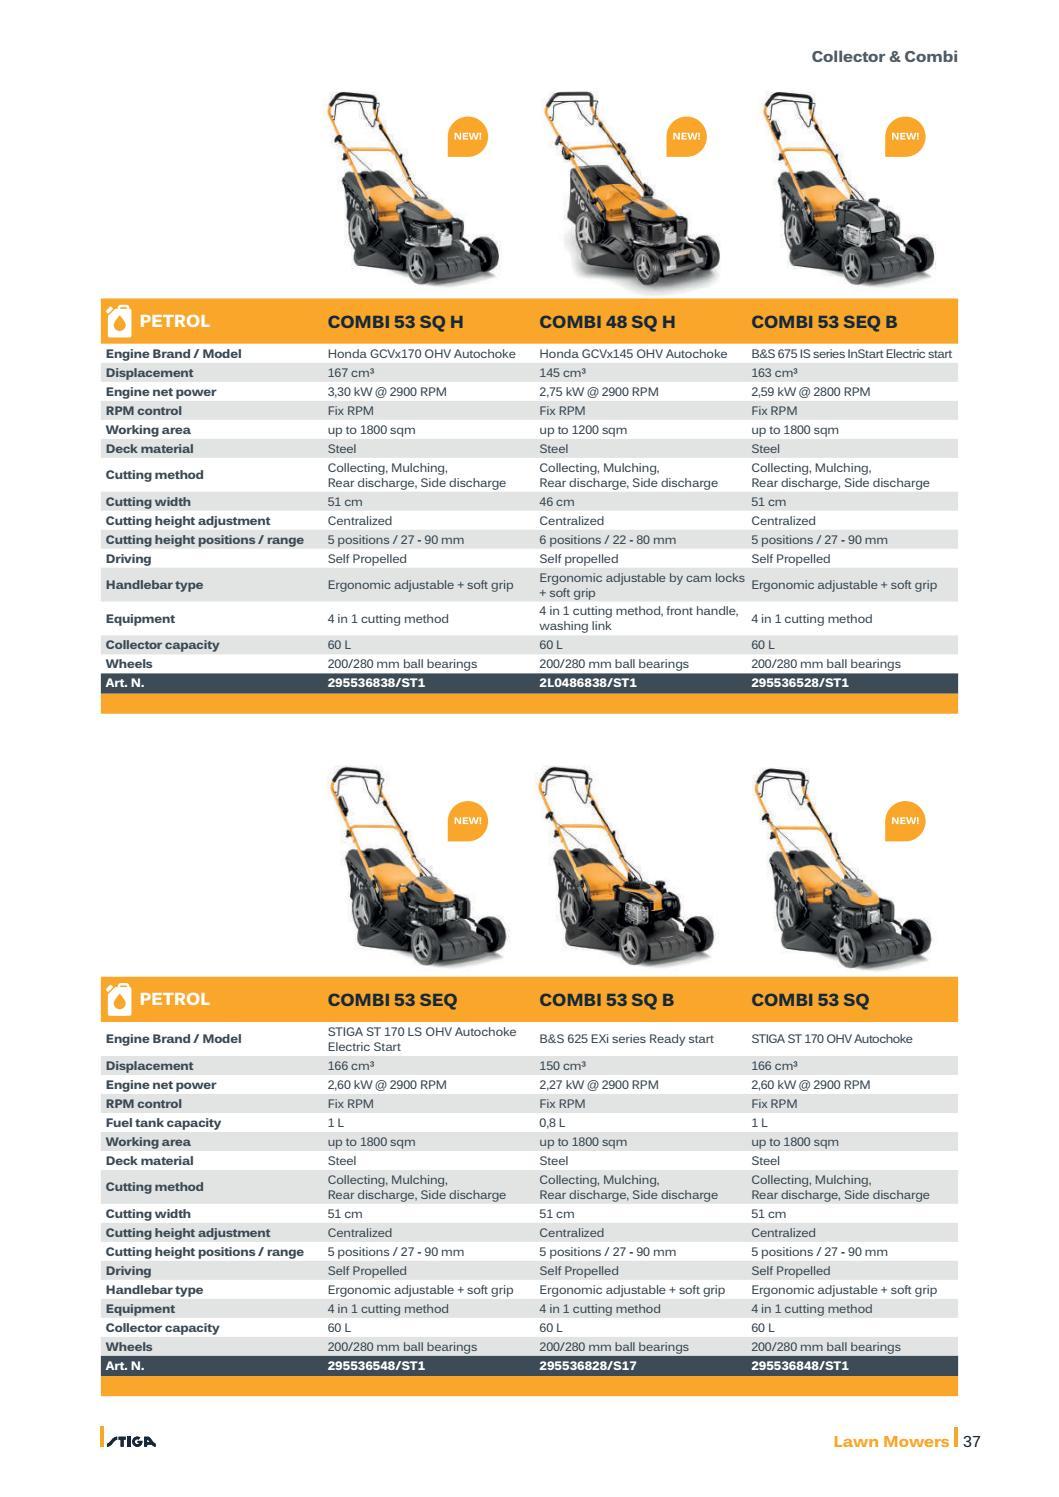 Kanon STIGA Catalogue 2019 INT by STIGA - issuu WB-08